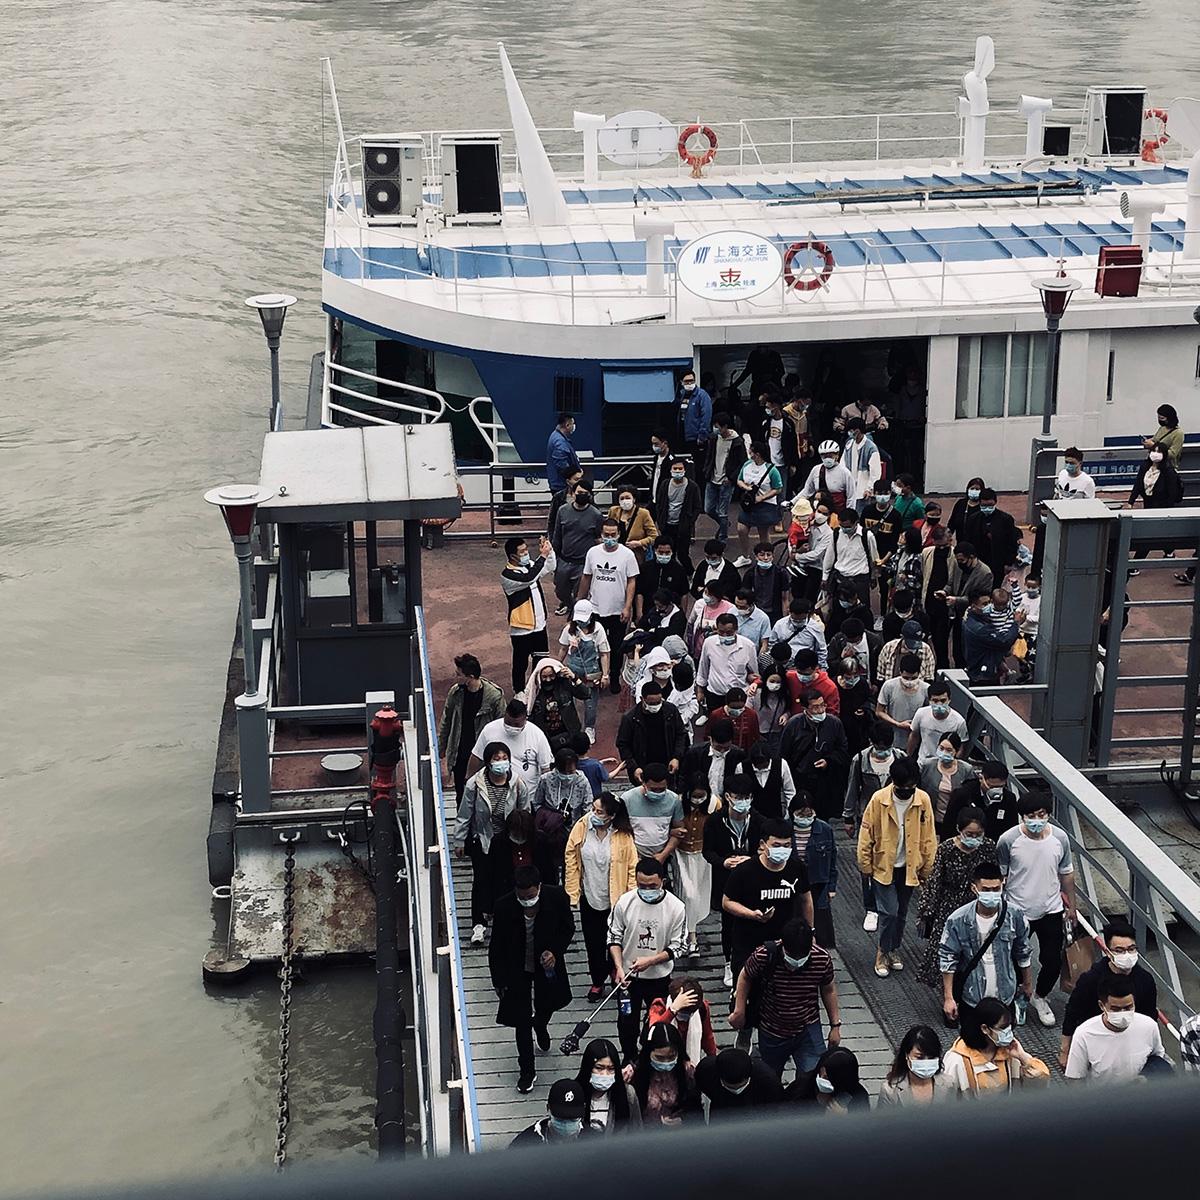 2020年的10月1日,秦皇岛路轮渡口匆忙的人群。周丽琼 图